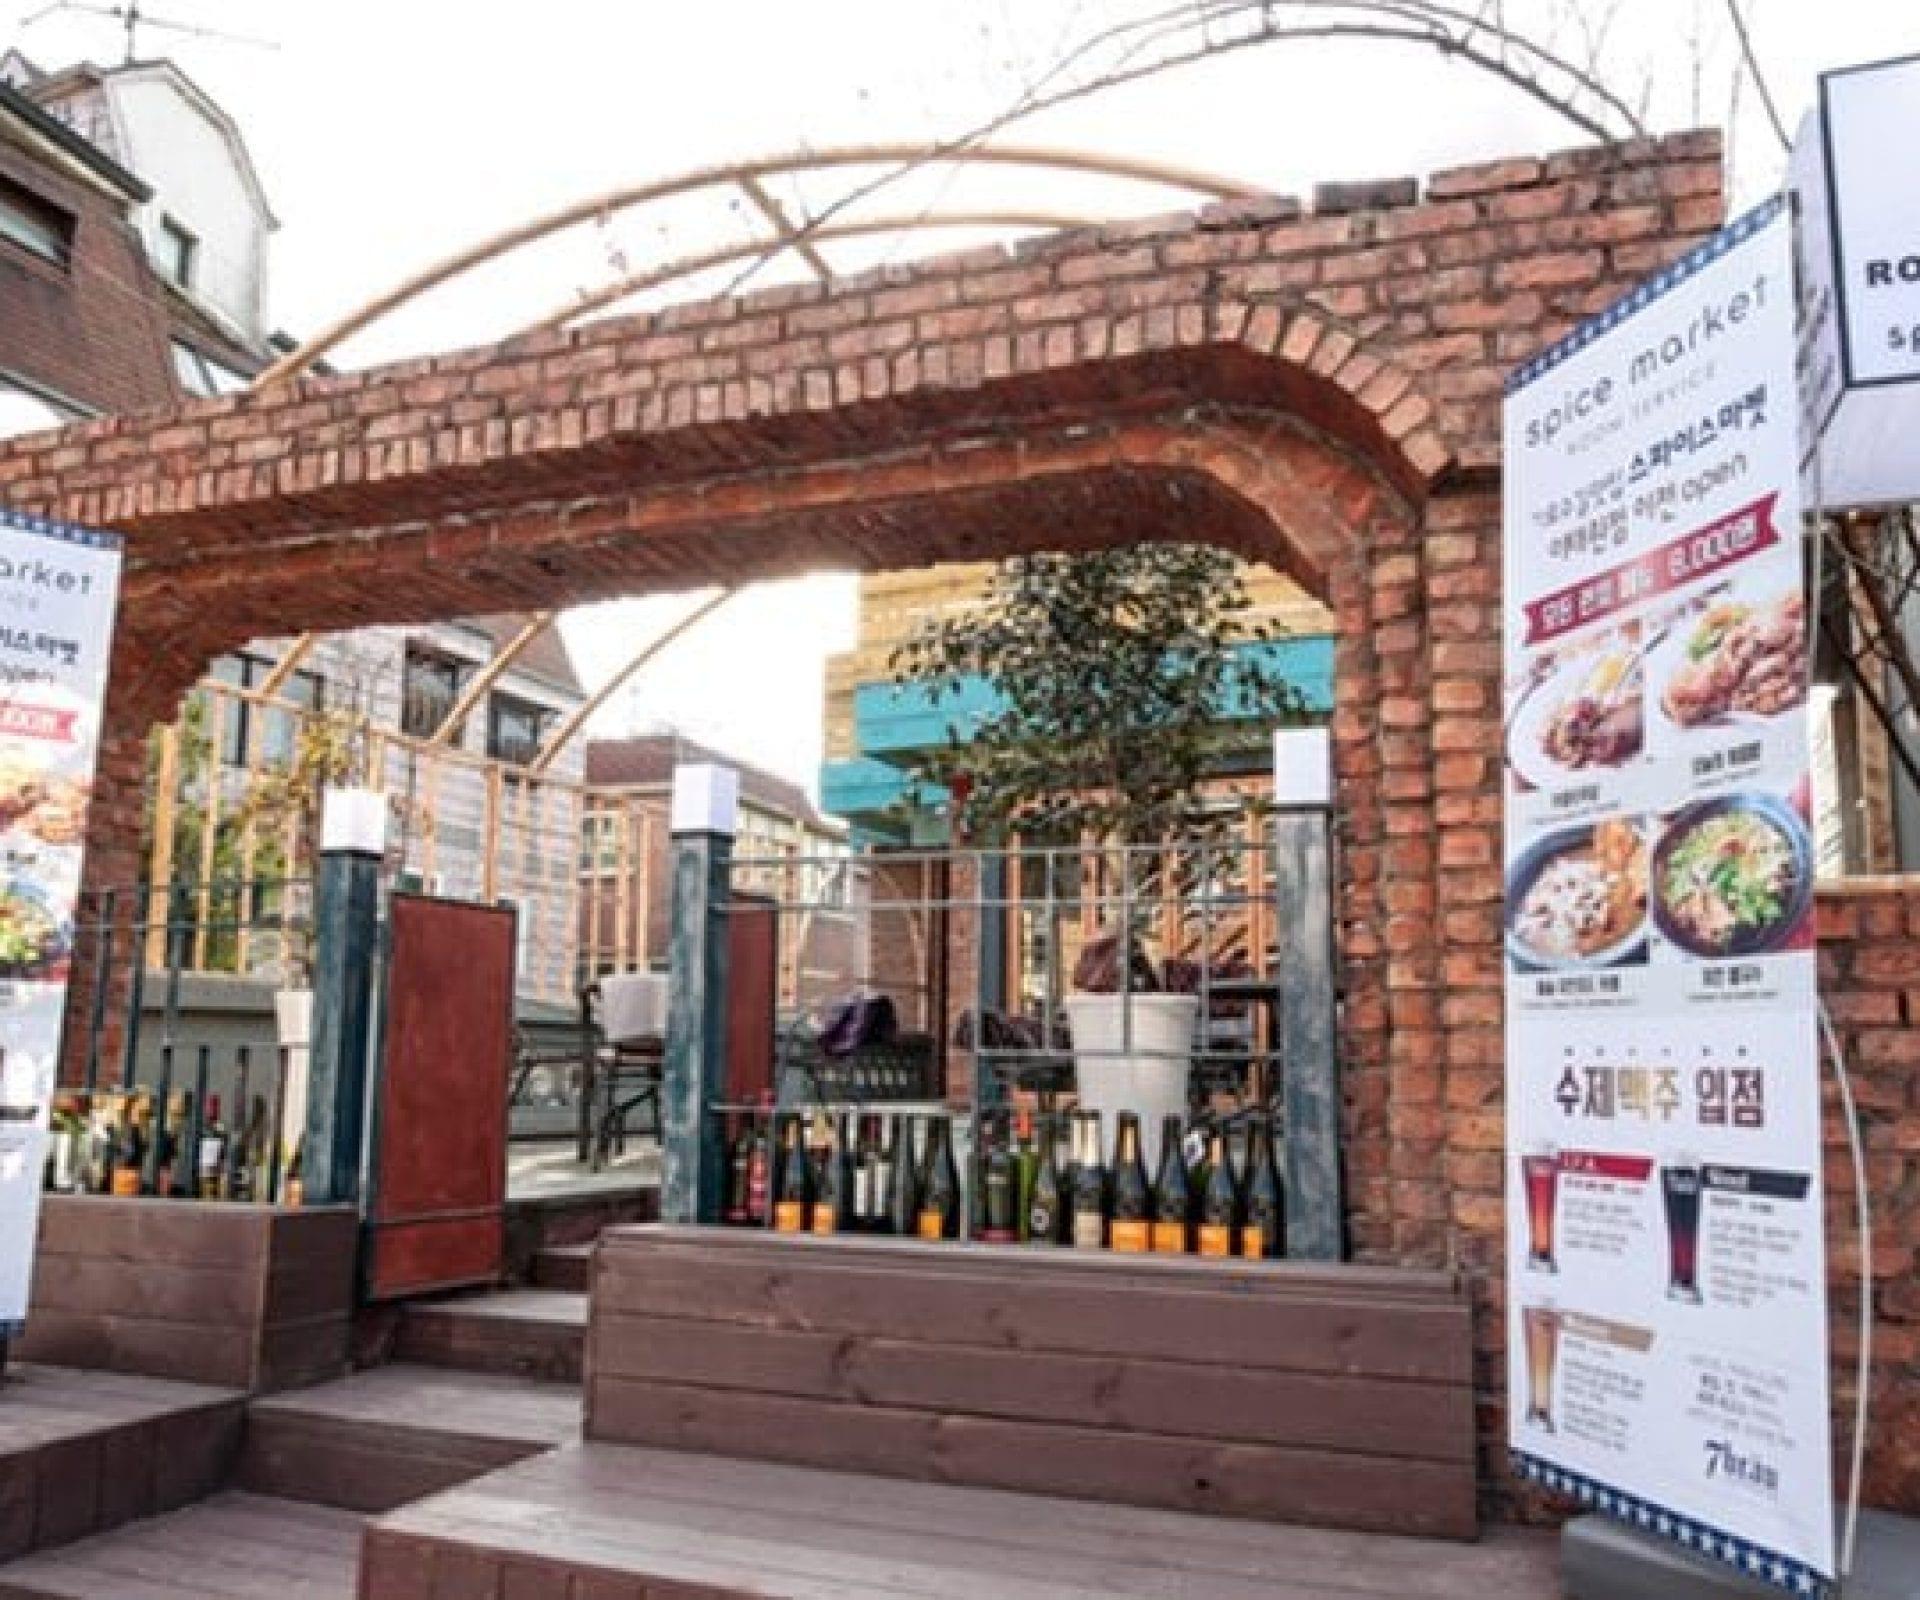 Spice Market | Yongsan-gu, Seoul